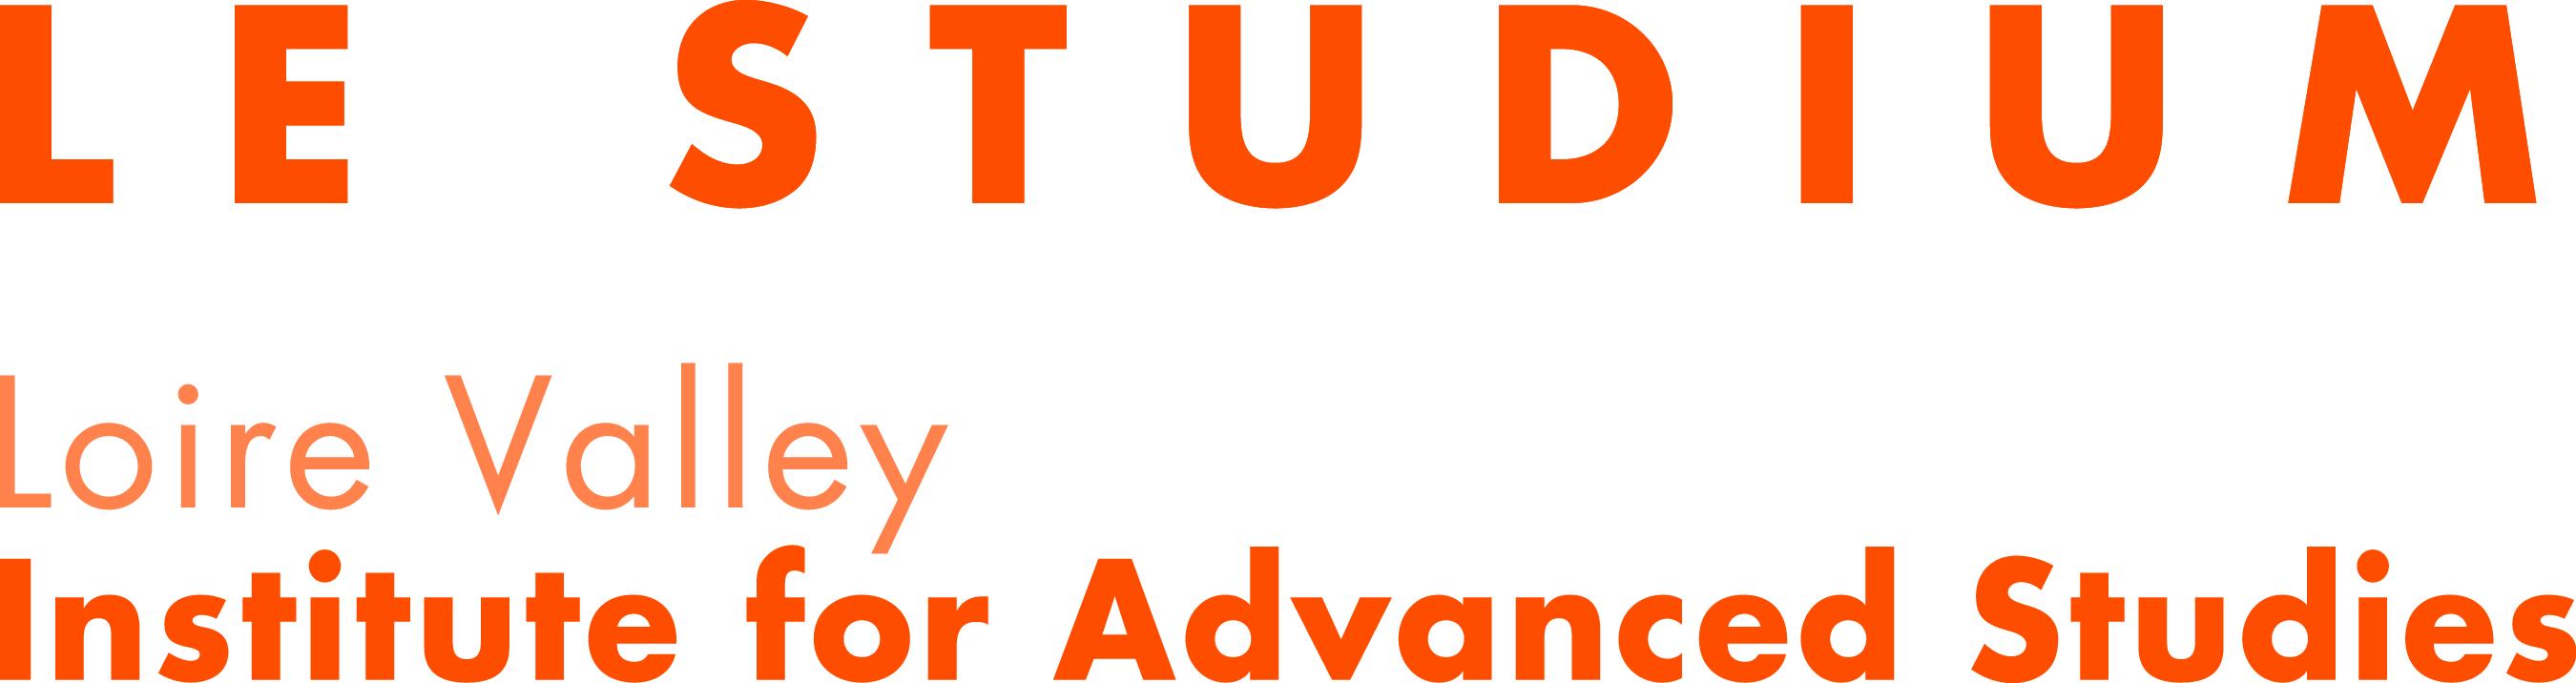 Le studium - logo